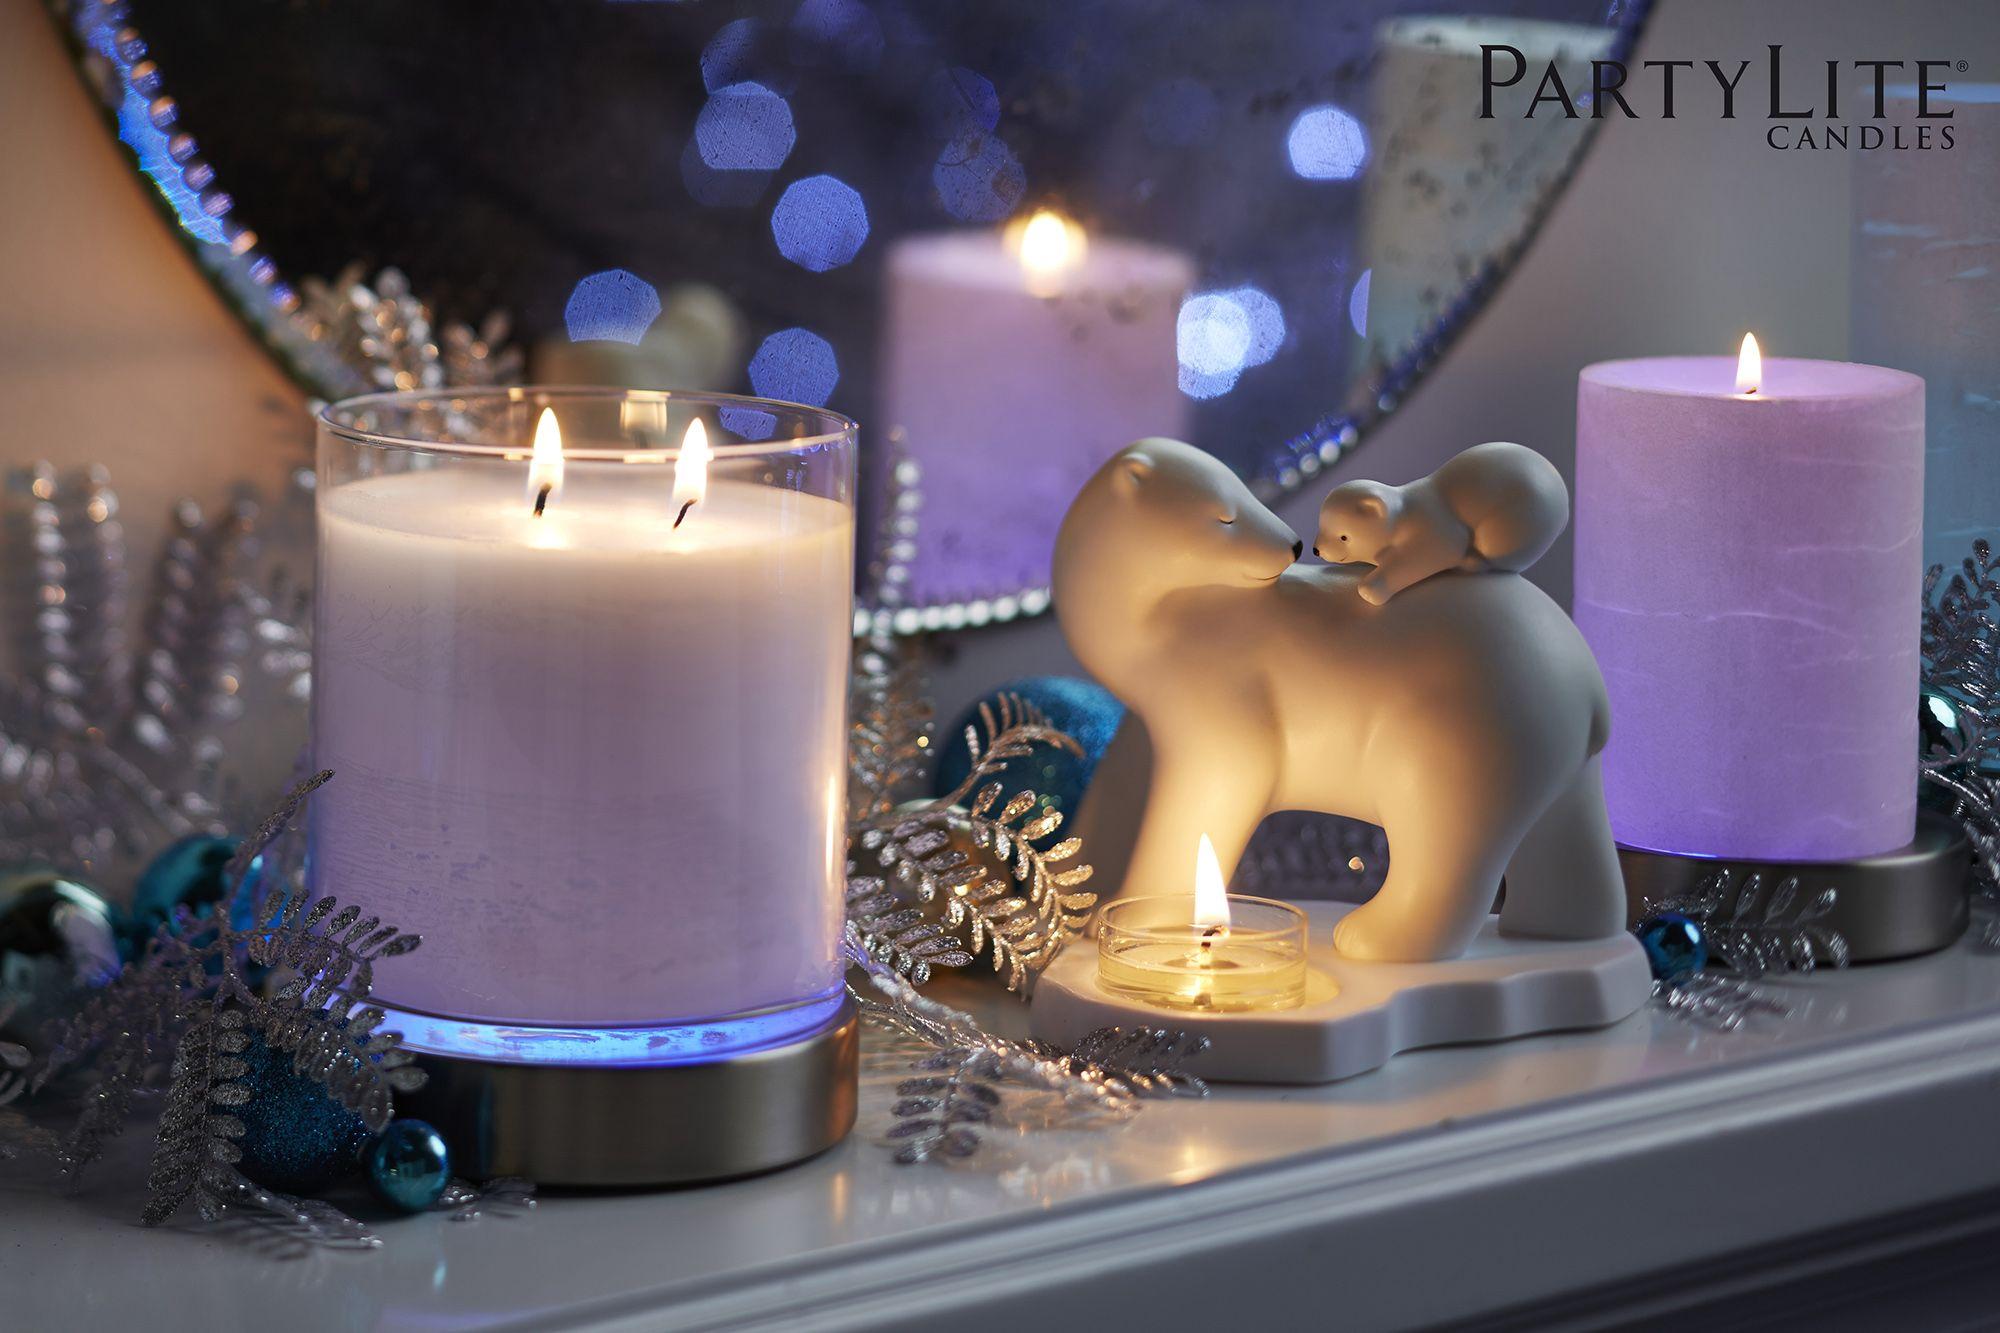 faites r gner la magie des f tes avec les piliers et les pots bougie glolite by partylite qui. Black Bedroom Furniture Sets. Home Design Ideas